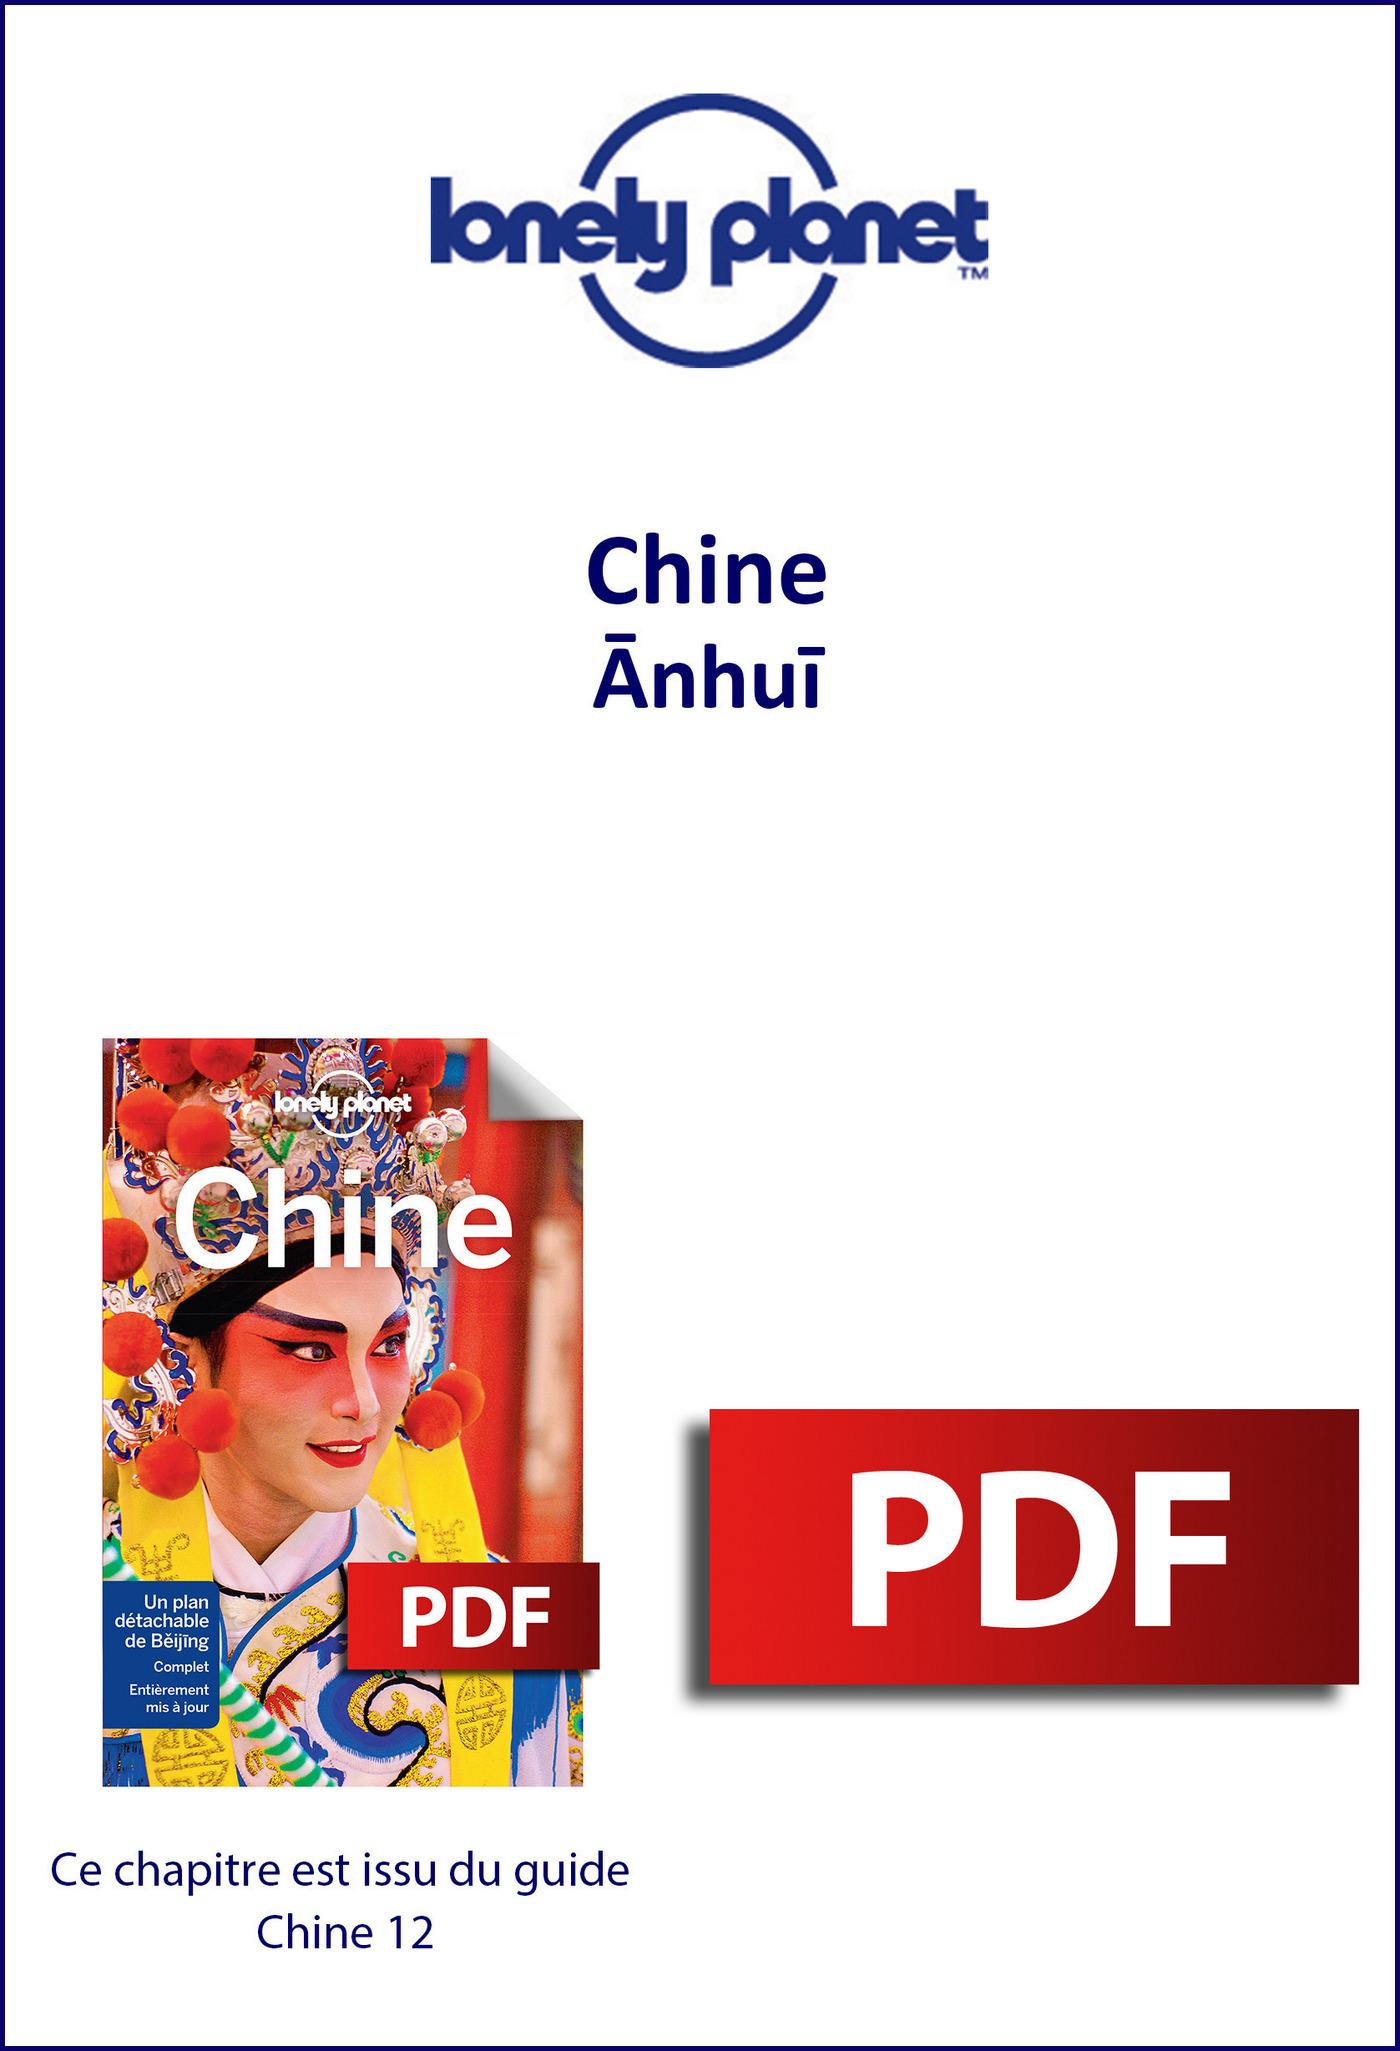 Chine - Anhui